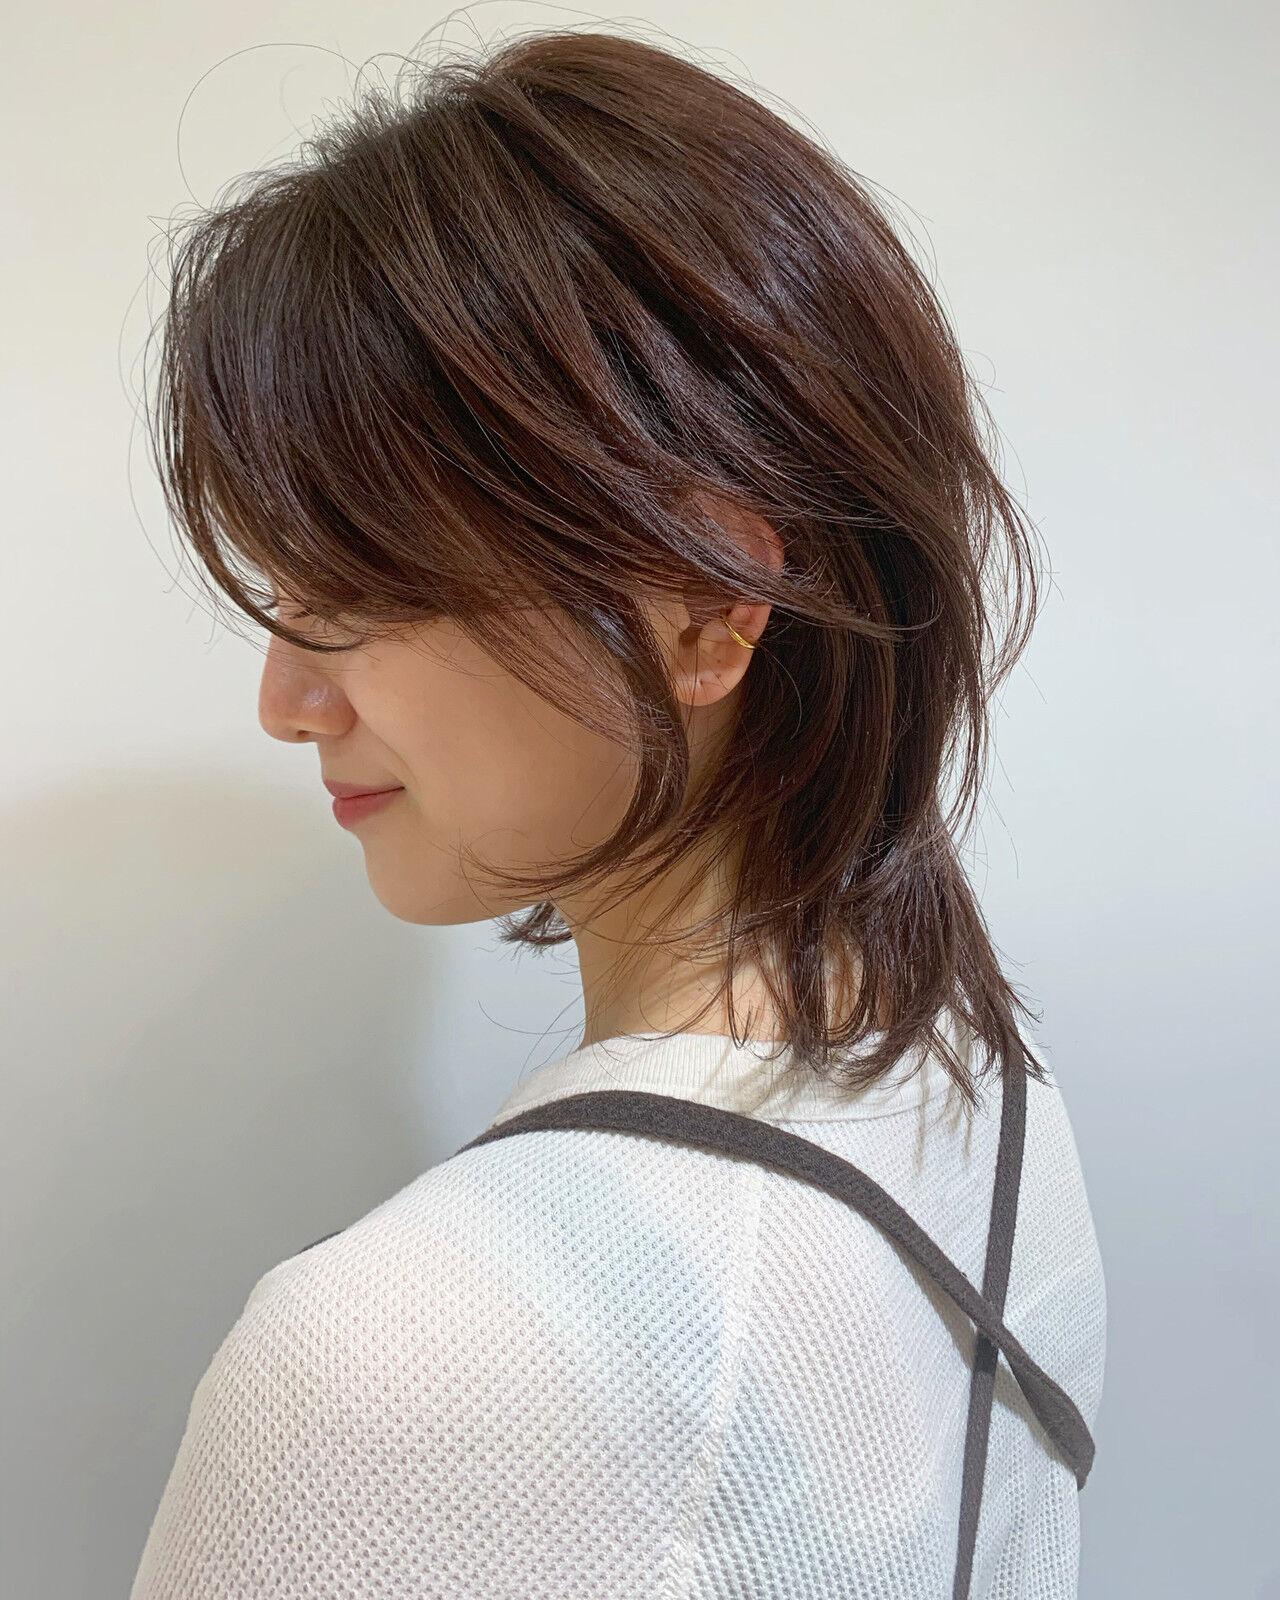 ウルフカット モード ミディアム 暗髪ヘアスタイルや髪型の写真・画像